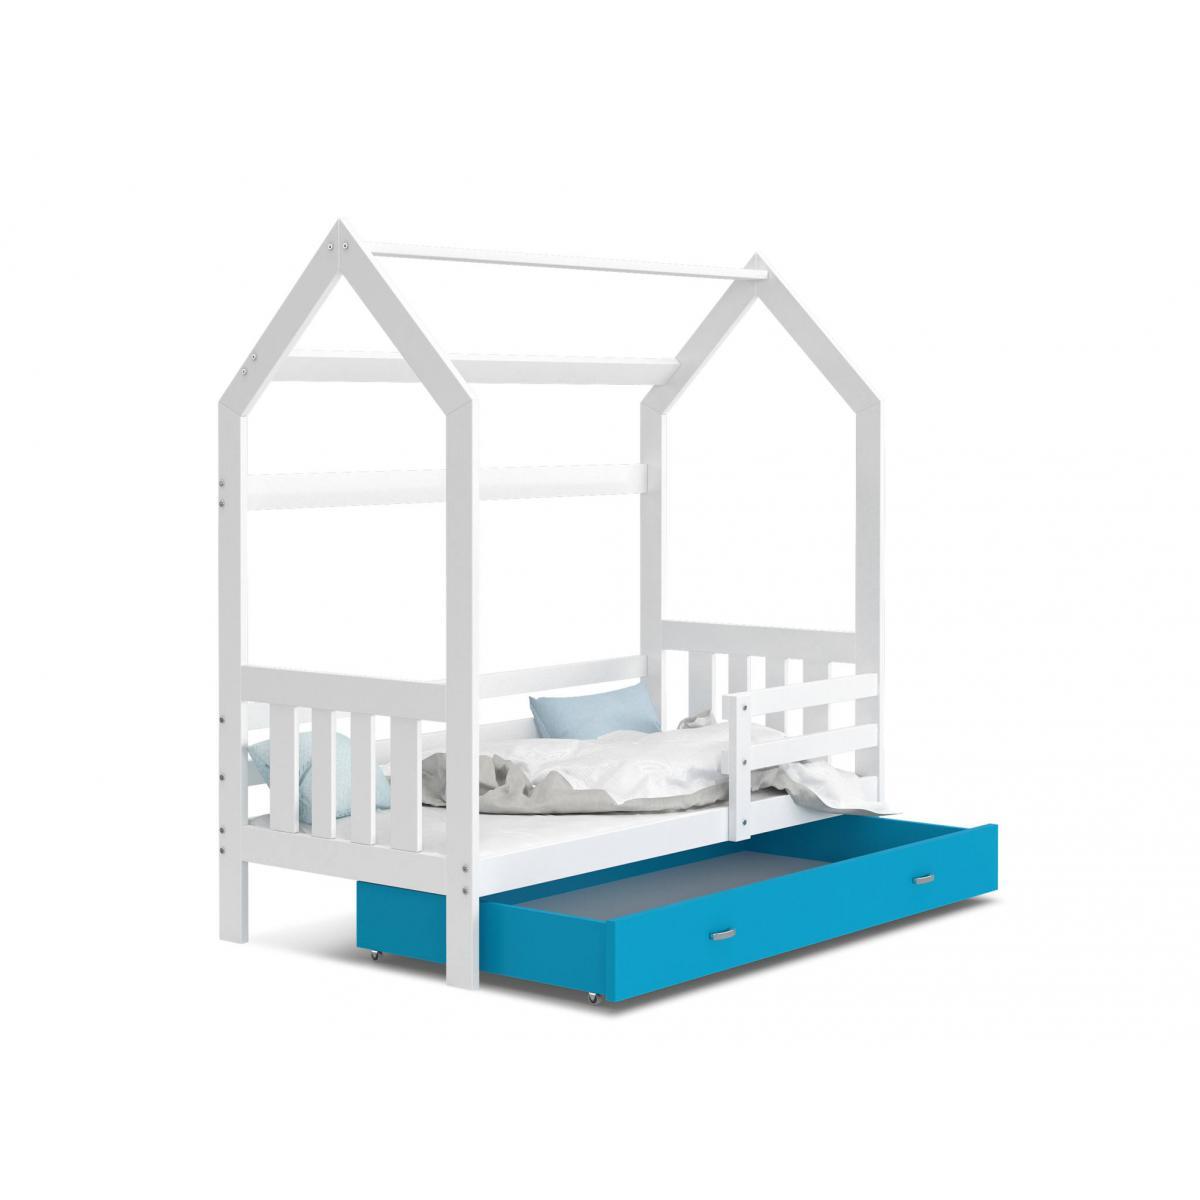 Kids Literie Lit cabane 2 Blanc-Bleu 80x160livré avec sommier, tiroir et matelas de 7cm OFFERT.